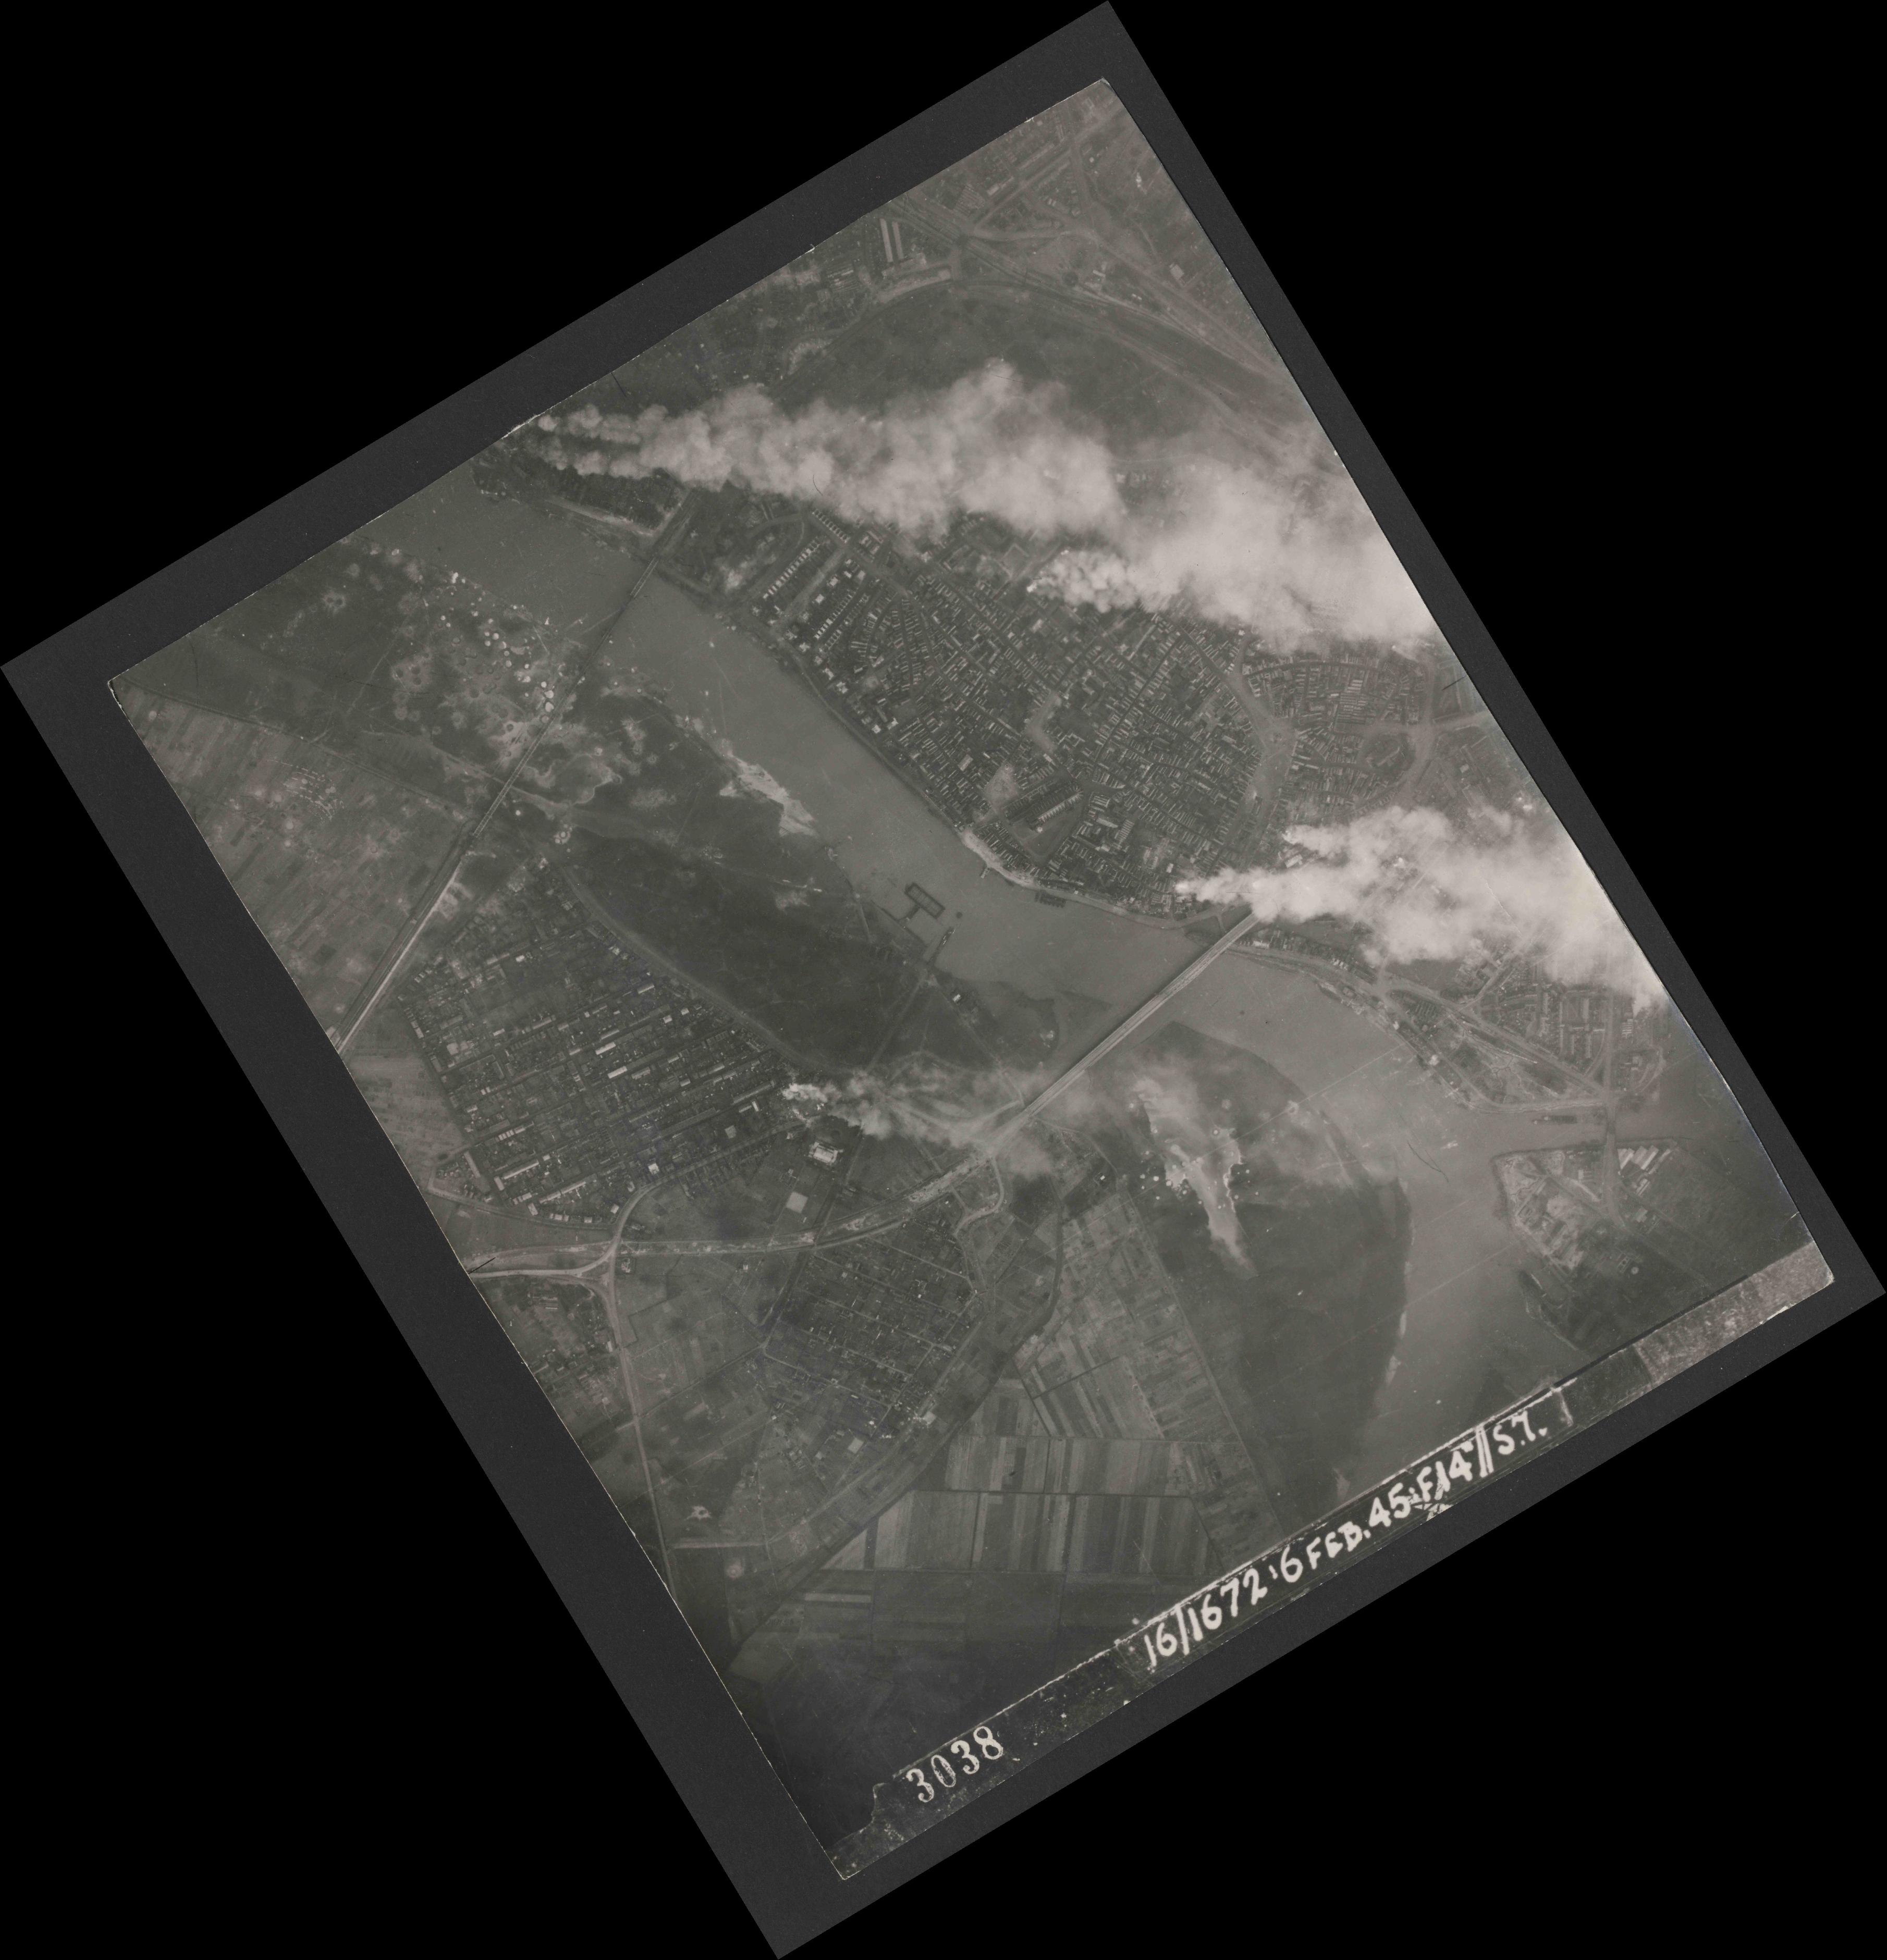 Collection RAF aerial photos 1940-1945 - flight 155, run 02, photo 3038